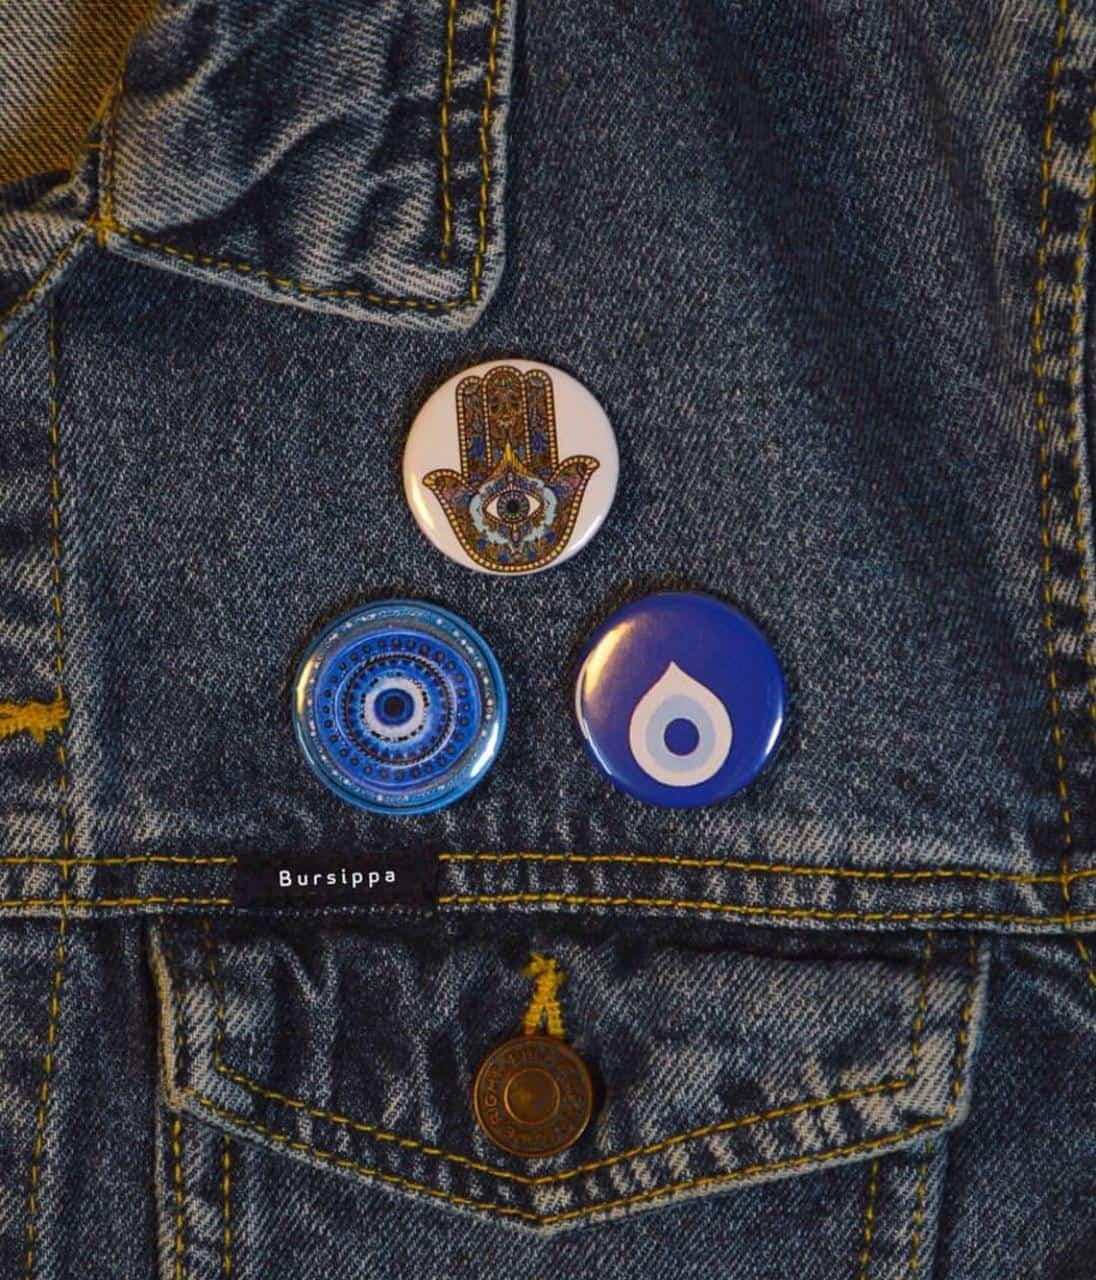 Bursippa businesses in Karbala badges